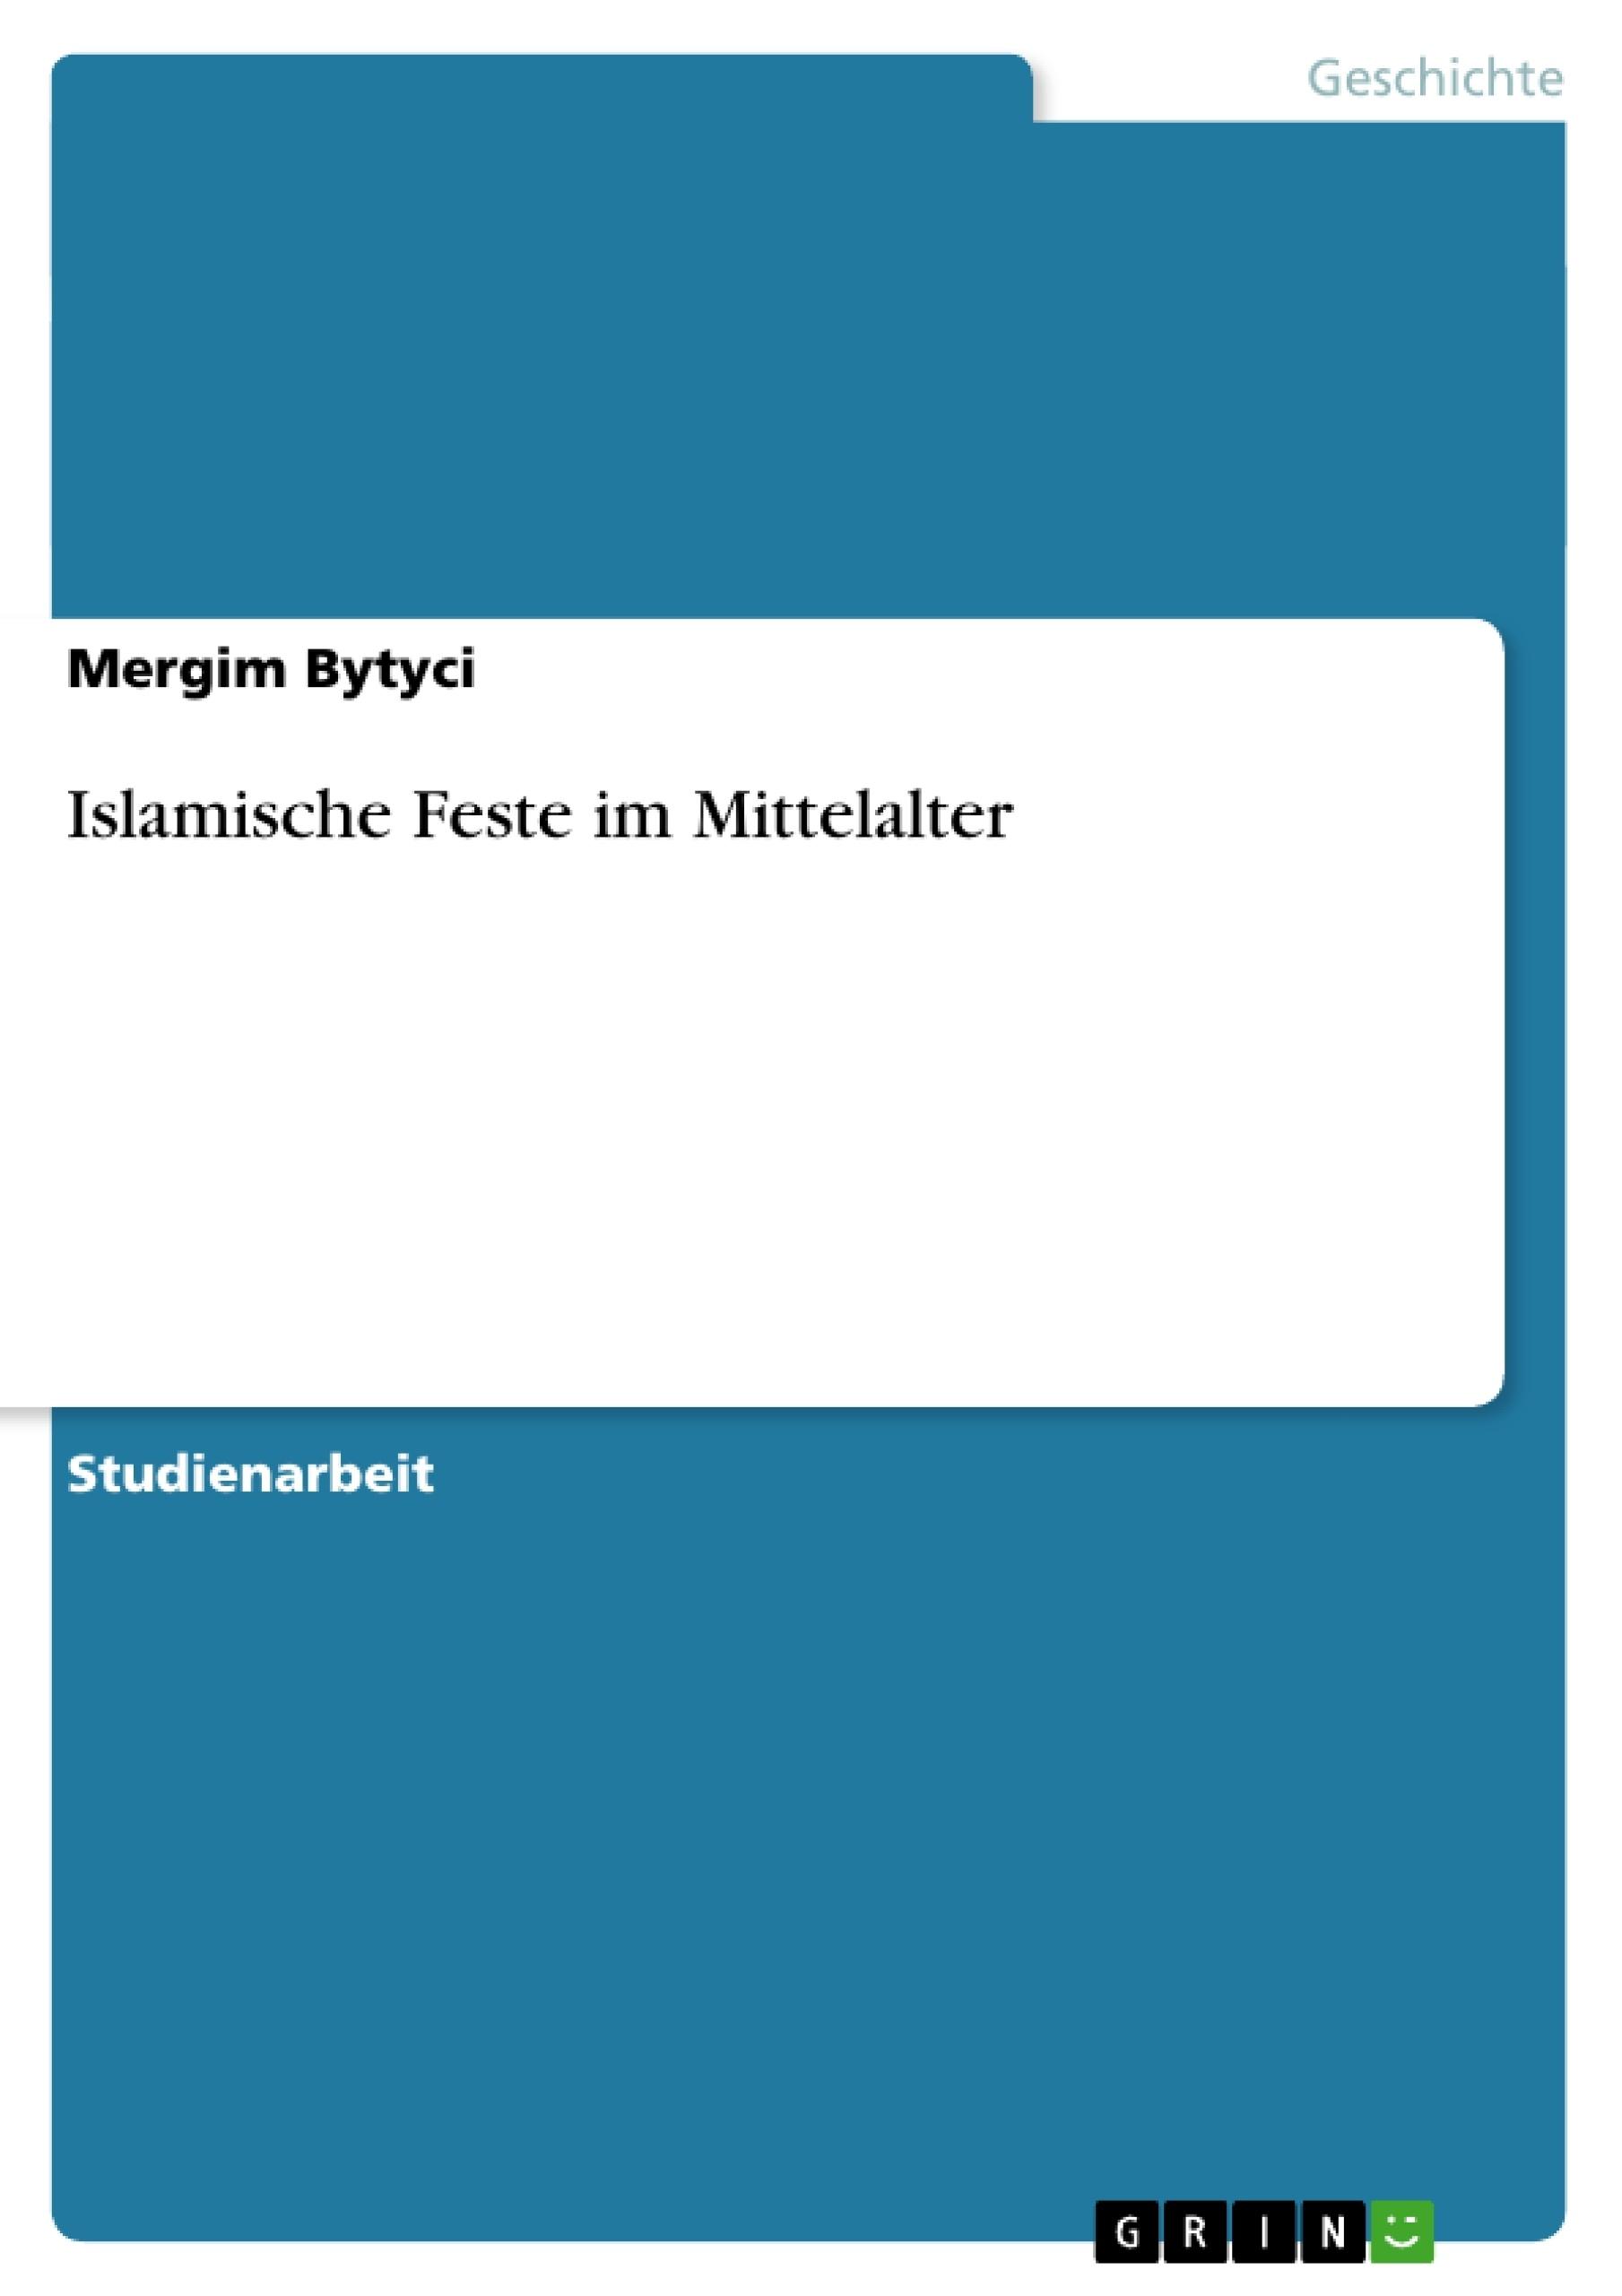 Titel: Islamische Feste im Mittelalter